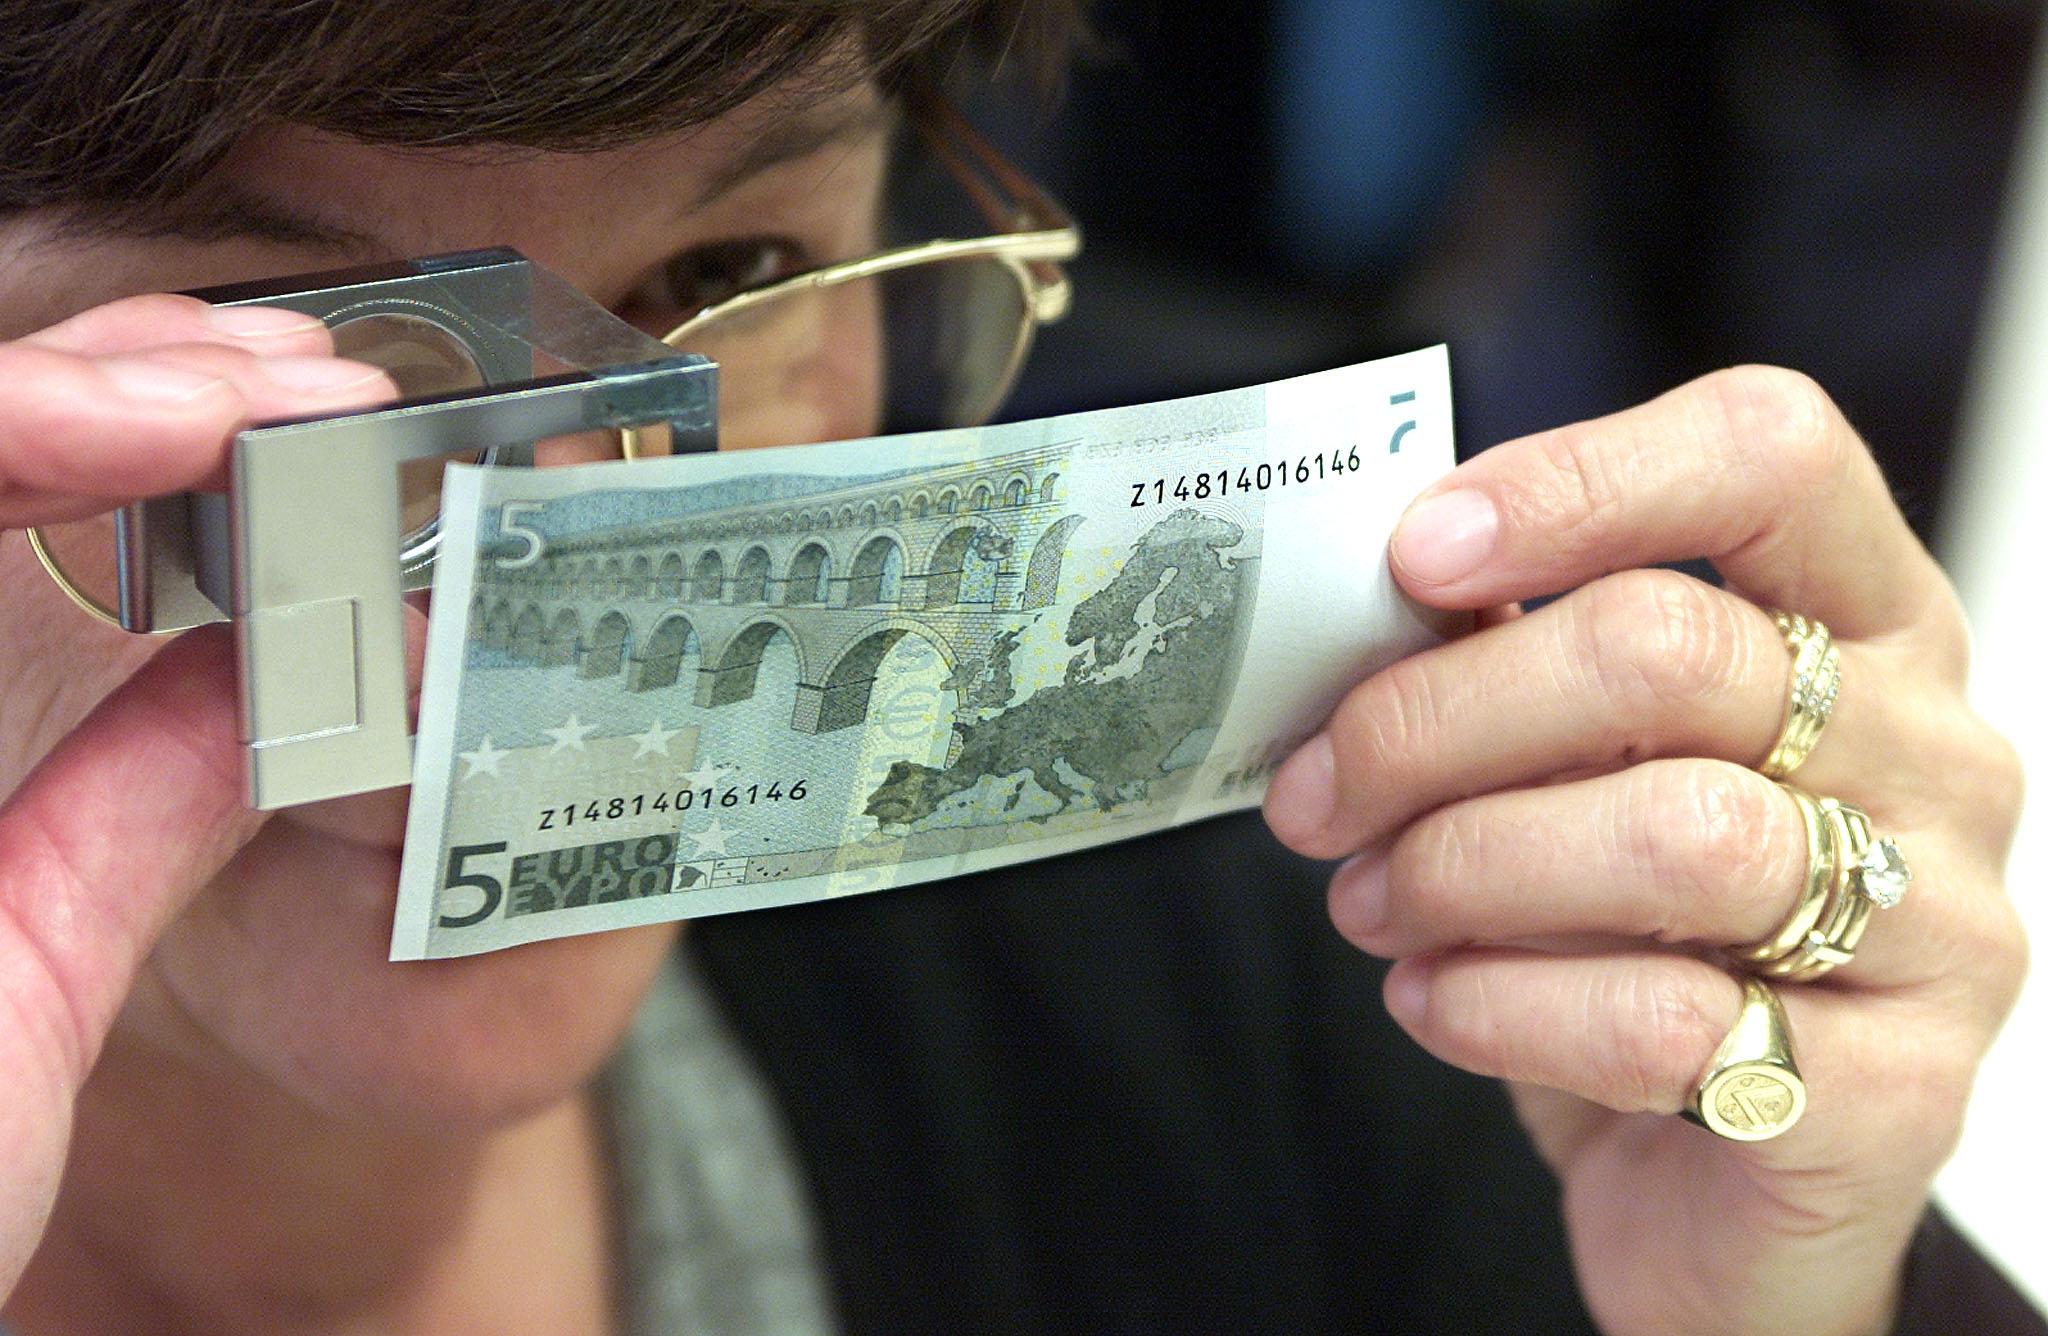 Les Billets De Cinq Euros Remplacés Par Des Pièces? dedans Pièces Et Billets En Euros À Imprimer